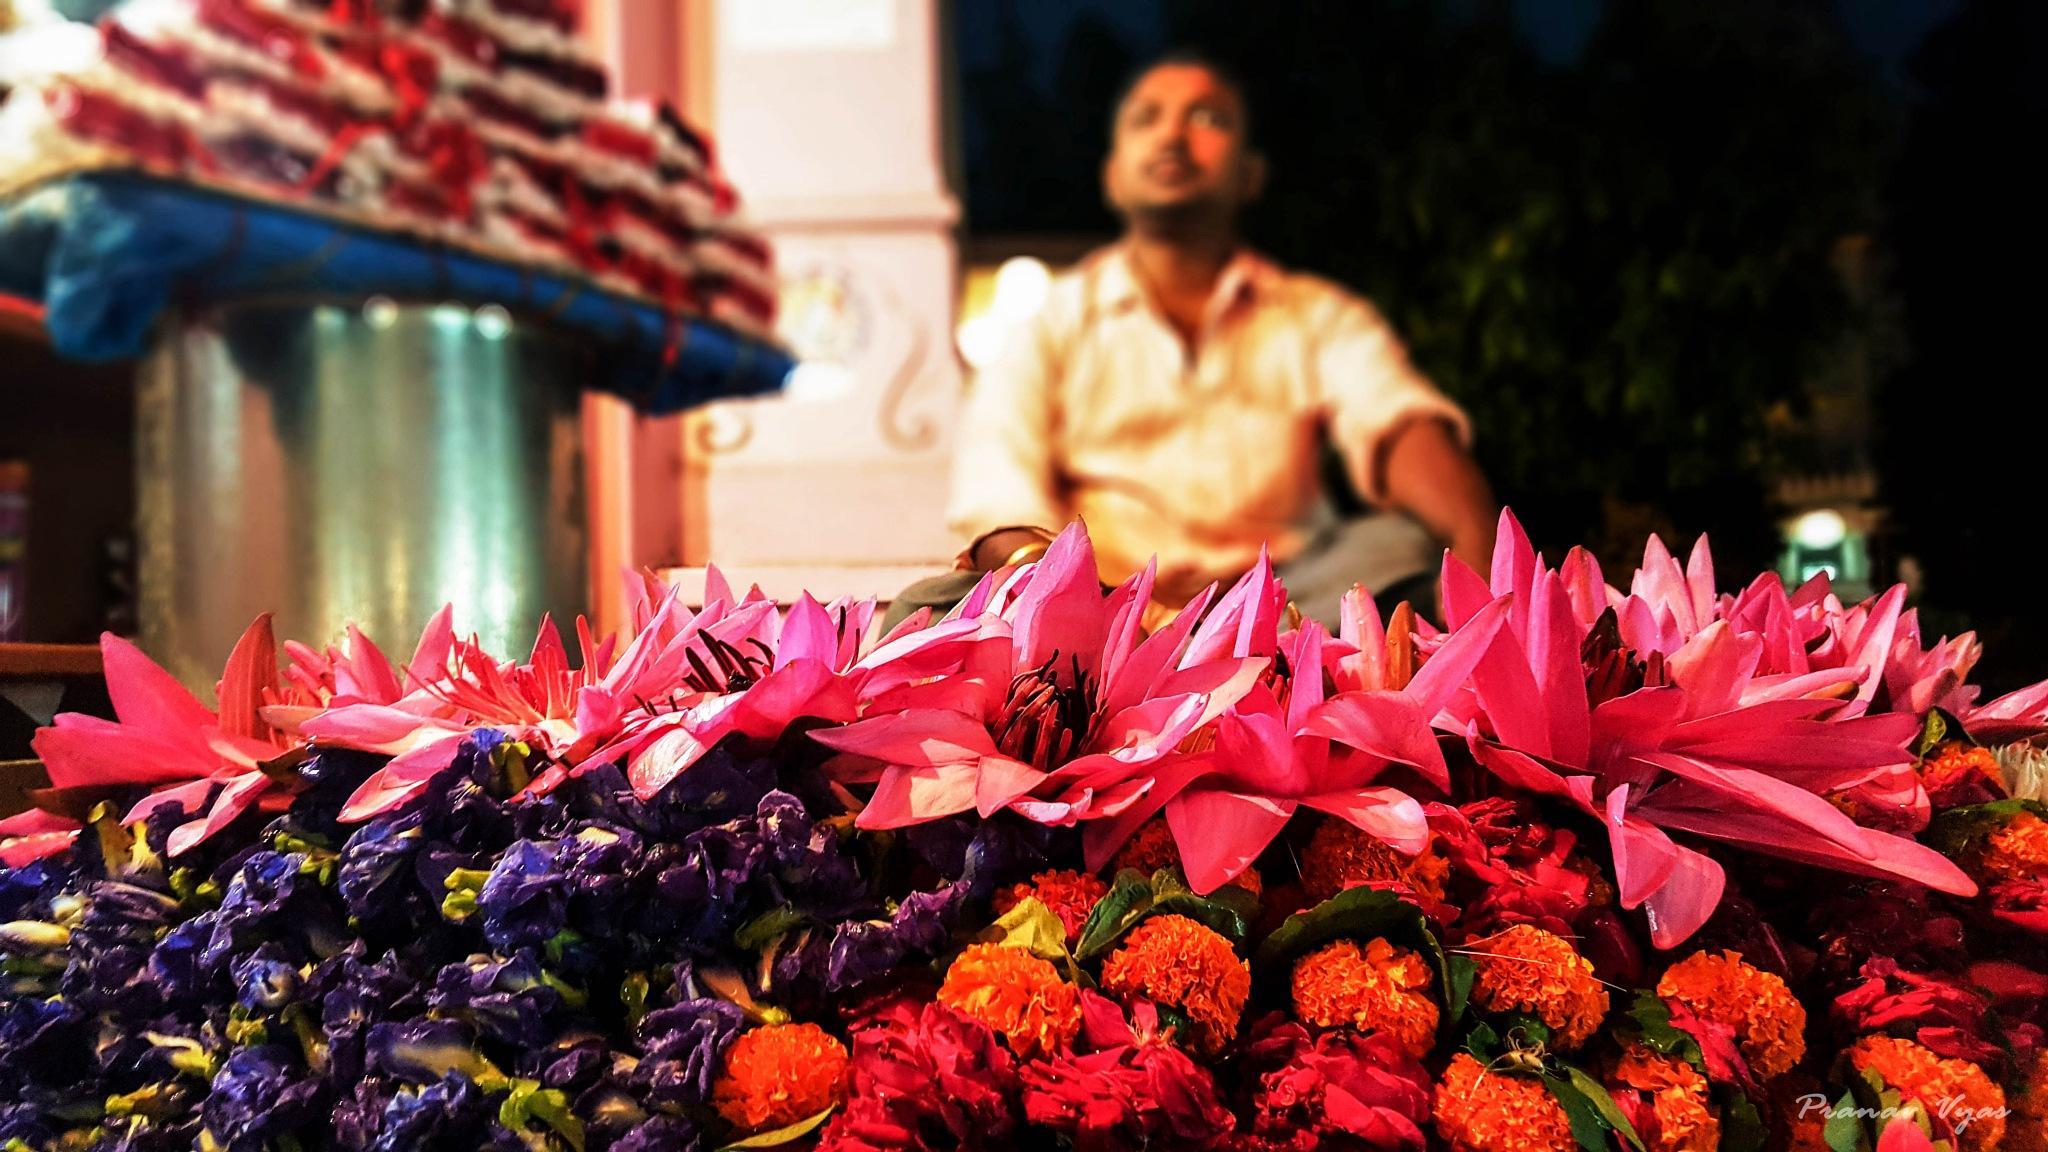 Lotuses by Pranav Vyas